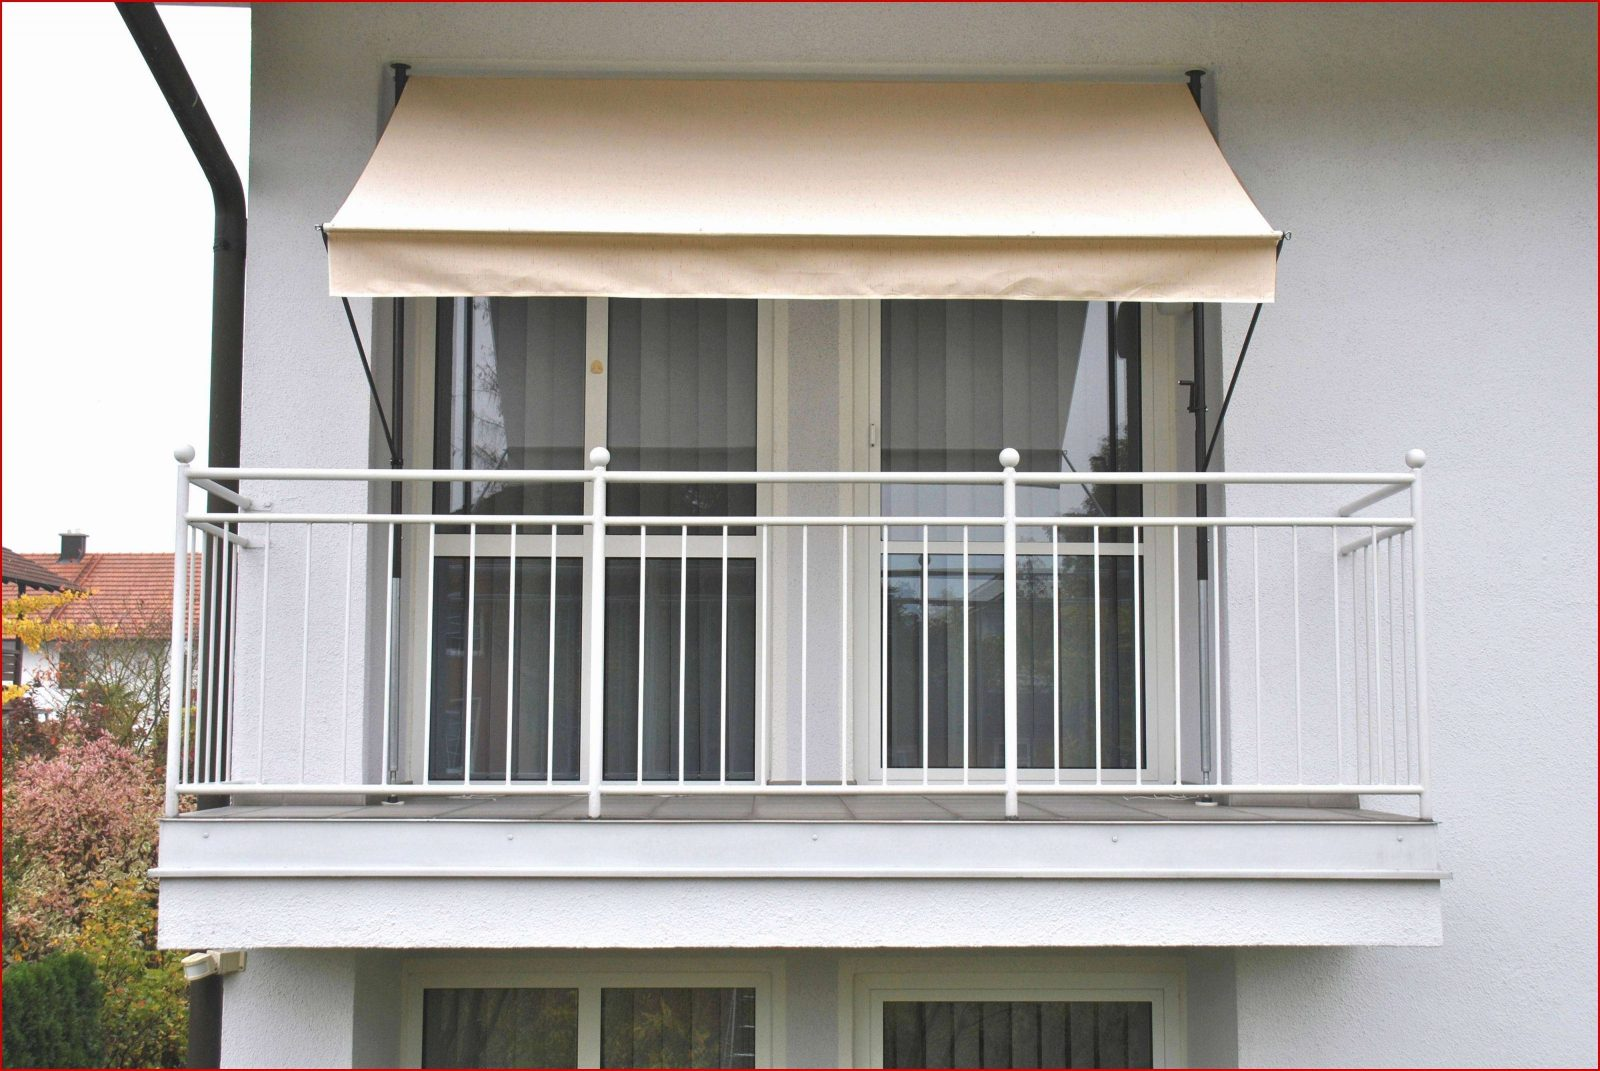 42 Kollektion Balkon Sichtschutz Ohne Bohren Stock  Komplette Ideen von Sichtschutz Balkon Ohne Bohren Photo